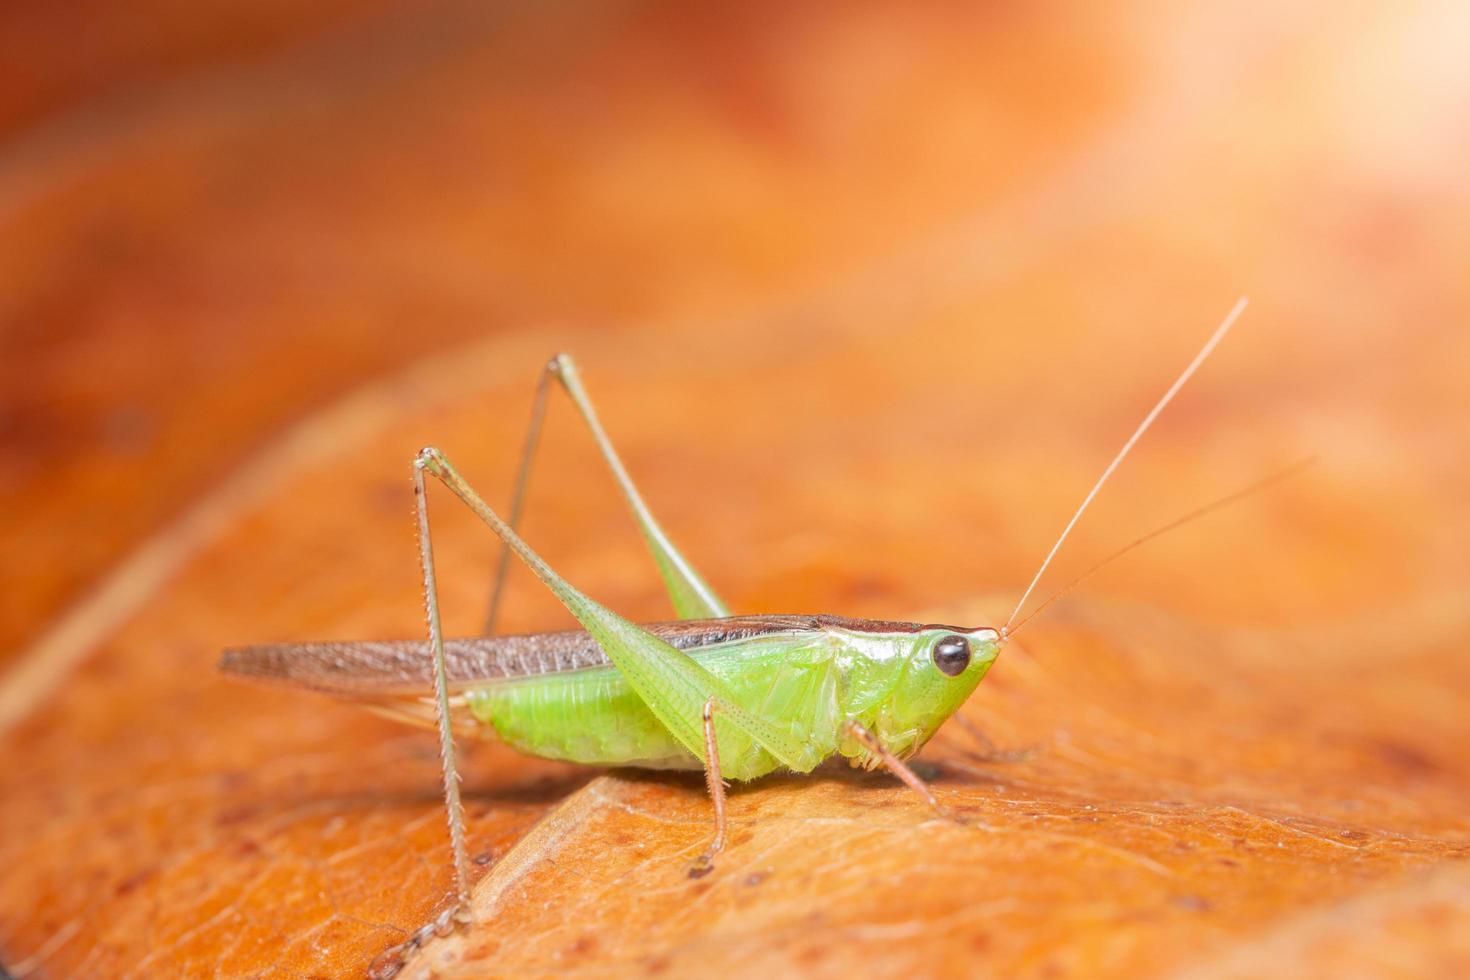 Grasshopper on a dry leaf photo